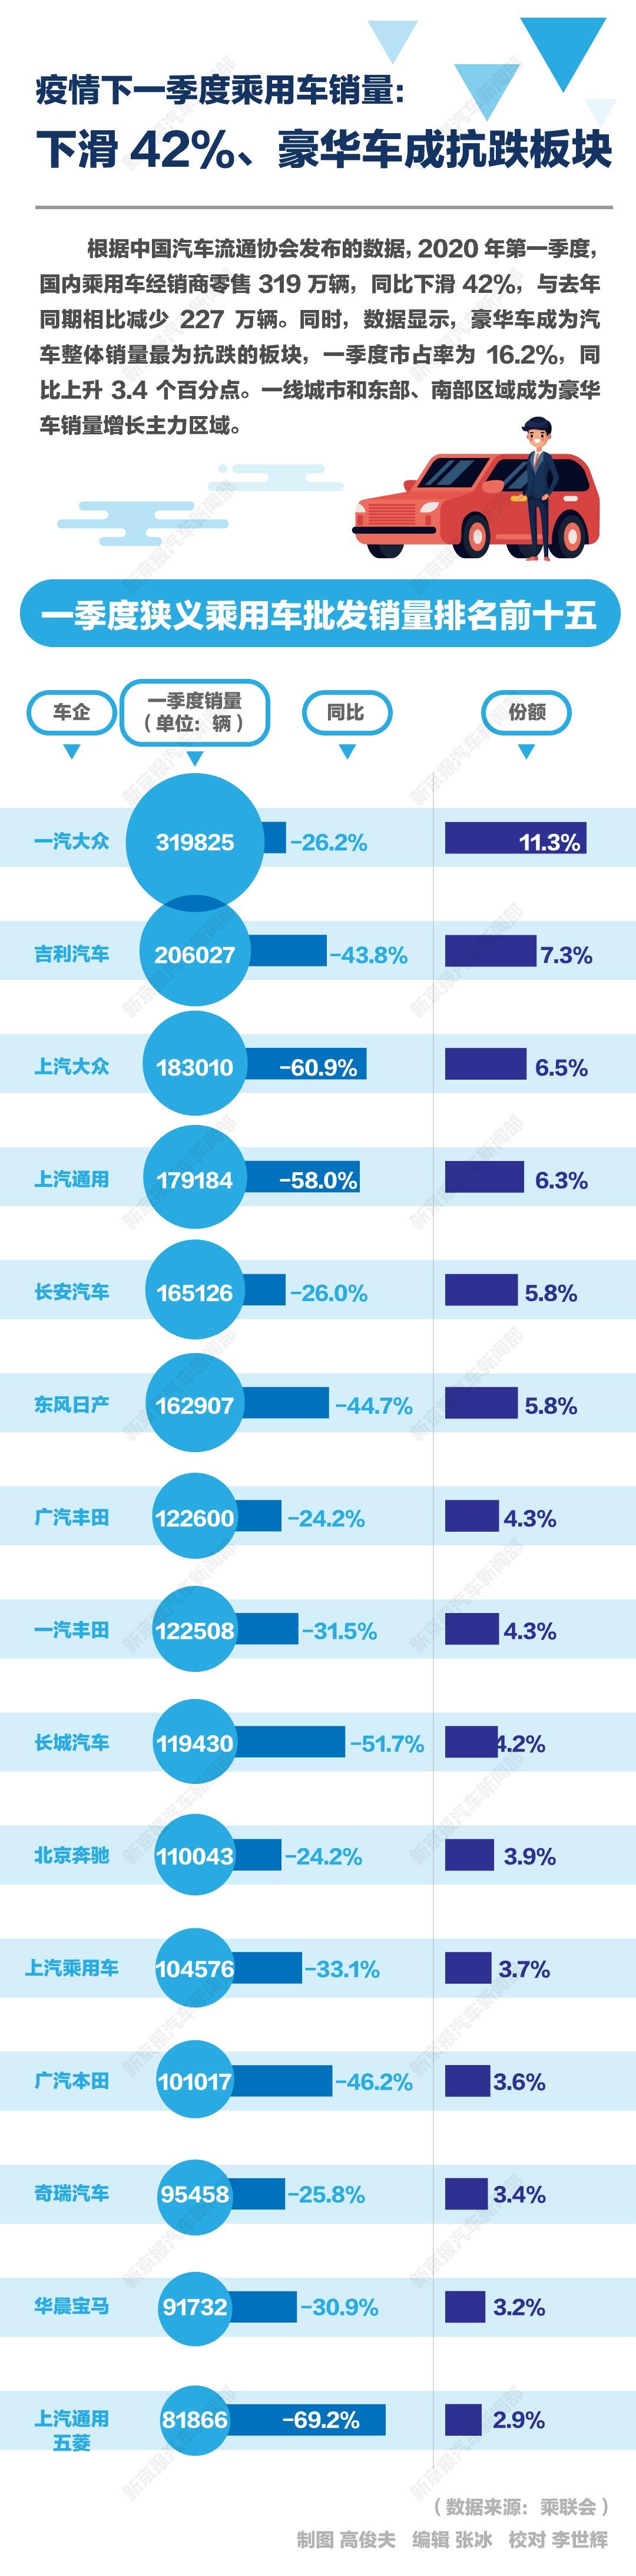 一图读懂|疫情下一季度汽车销量下滑42%,谁更抗跌?